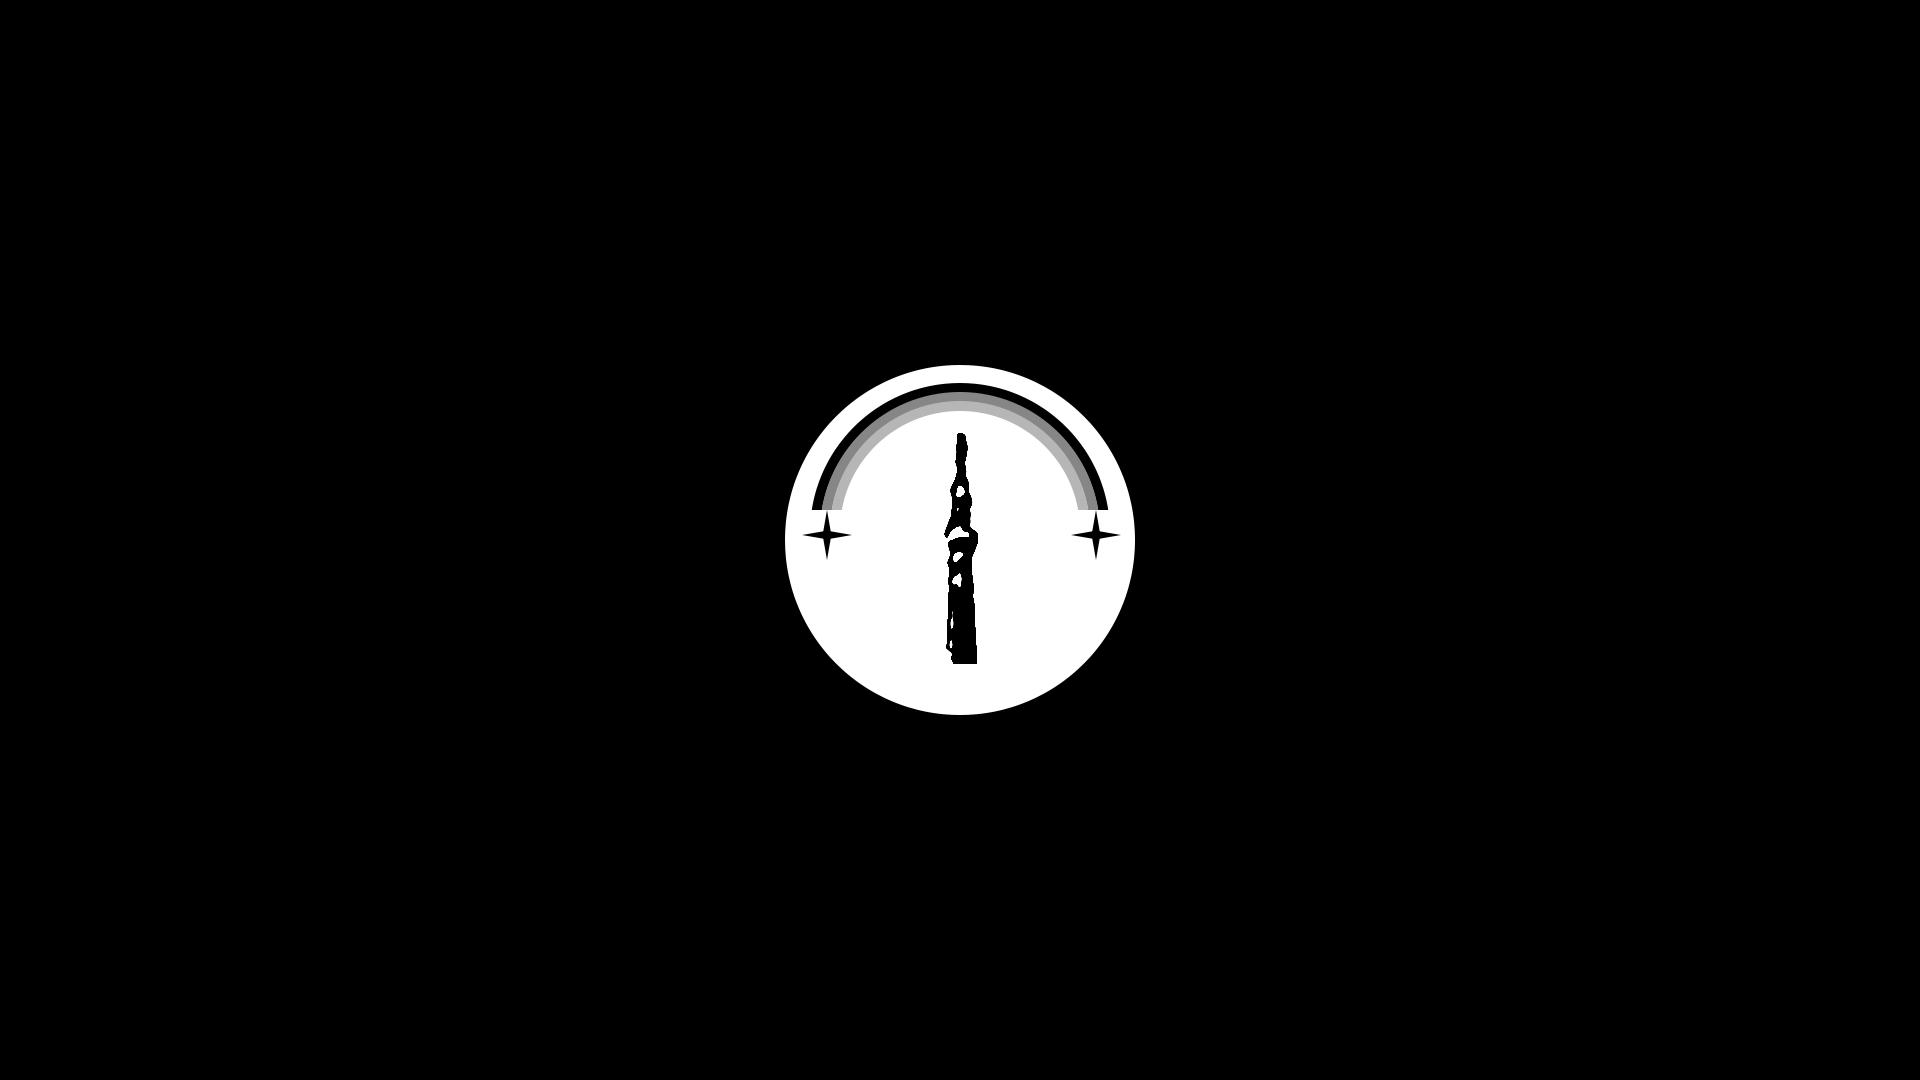 General 1920x1080 horizon minimalism logo